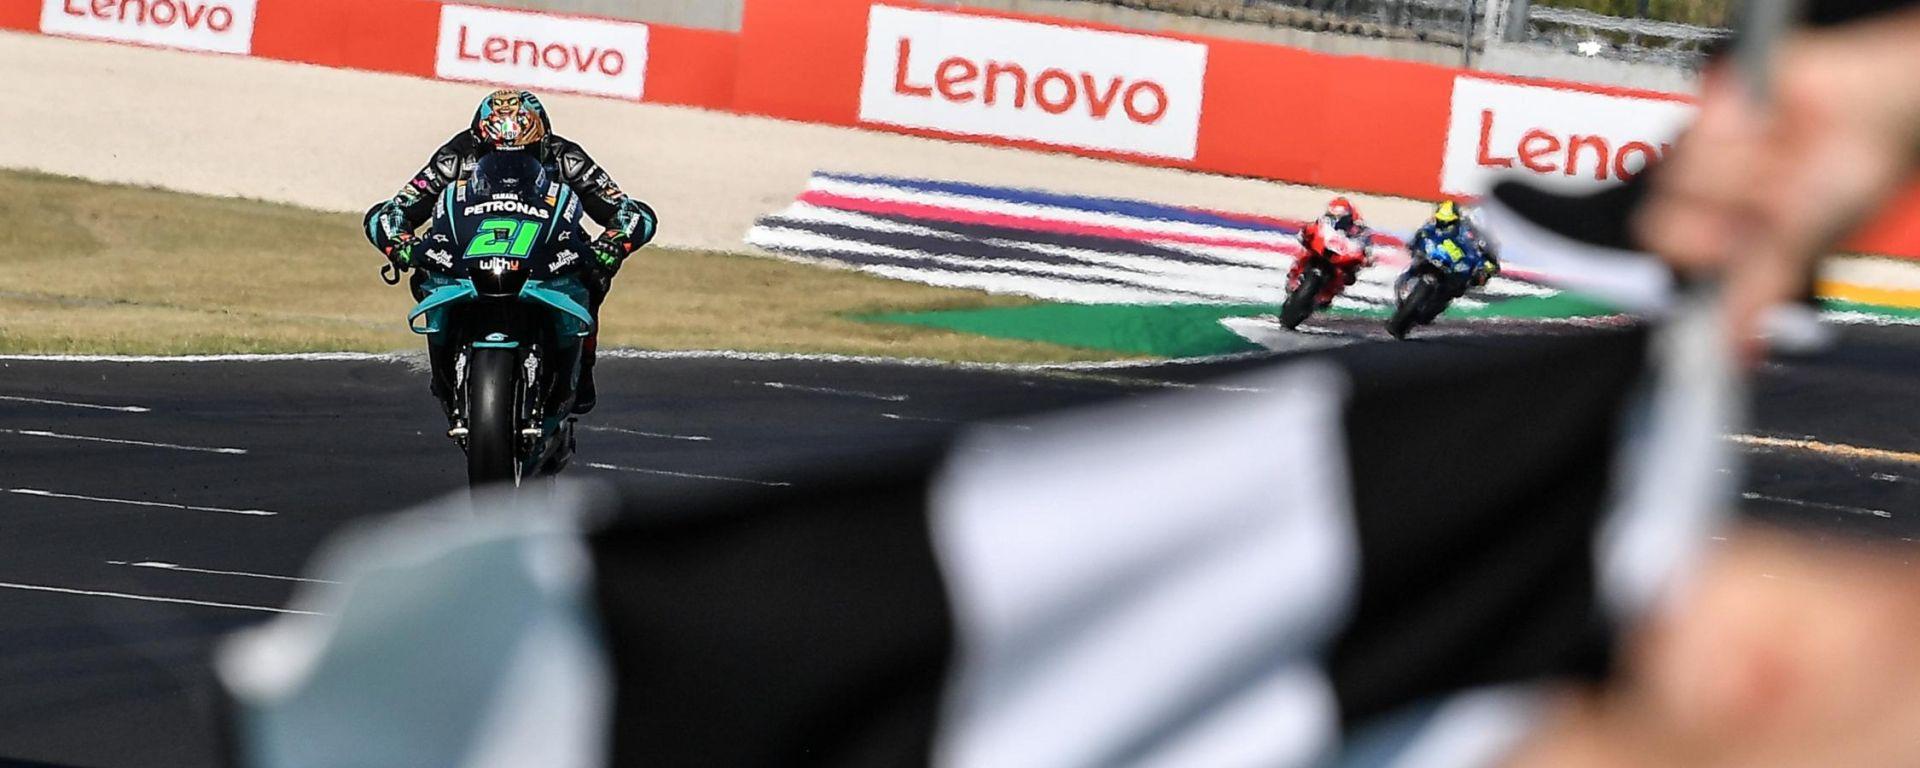 Franco Morbidelli vince il GP di San Marino e della Riviera di Rimin 2020 a Misano!